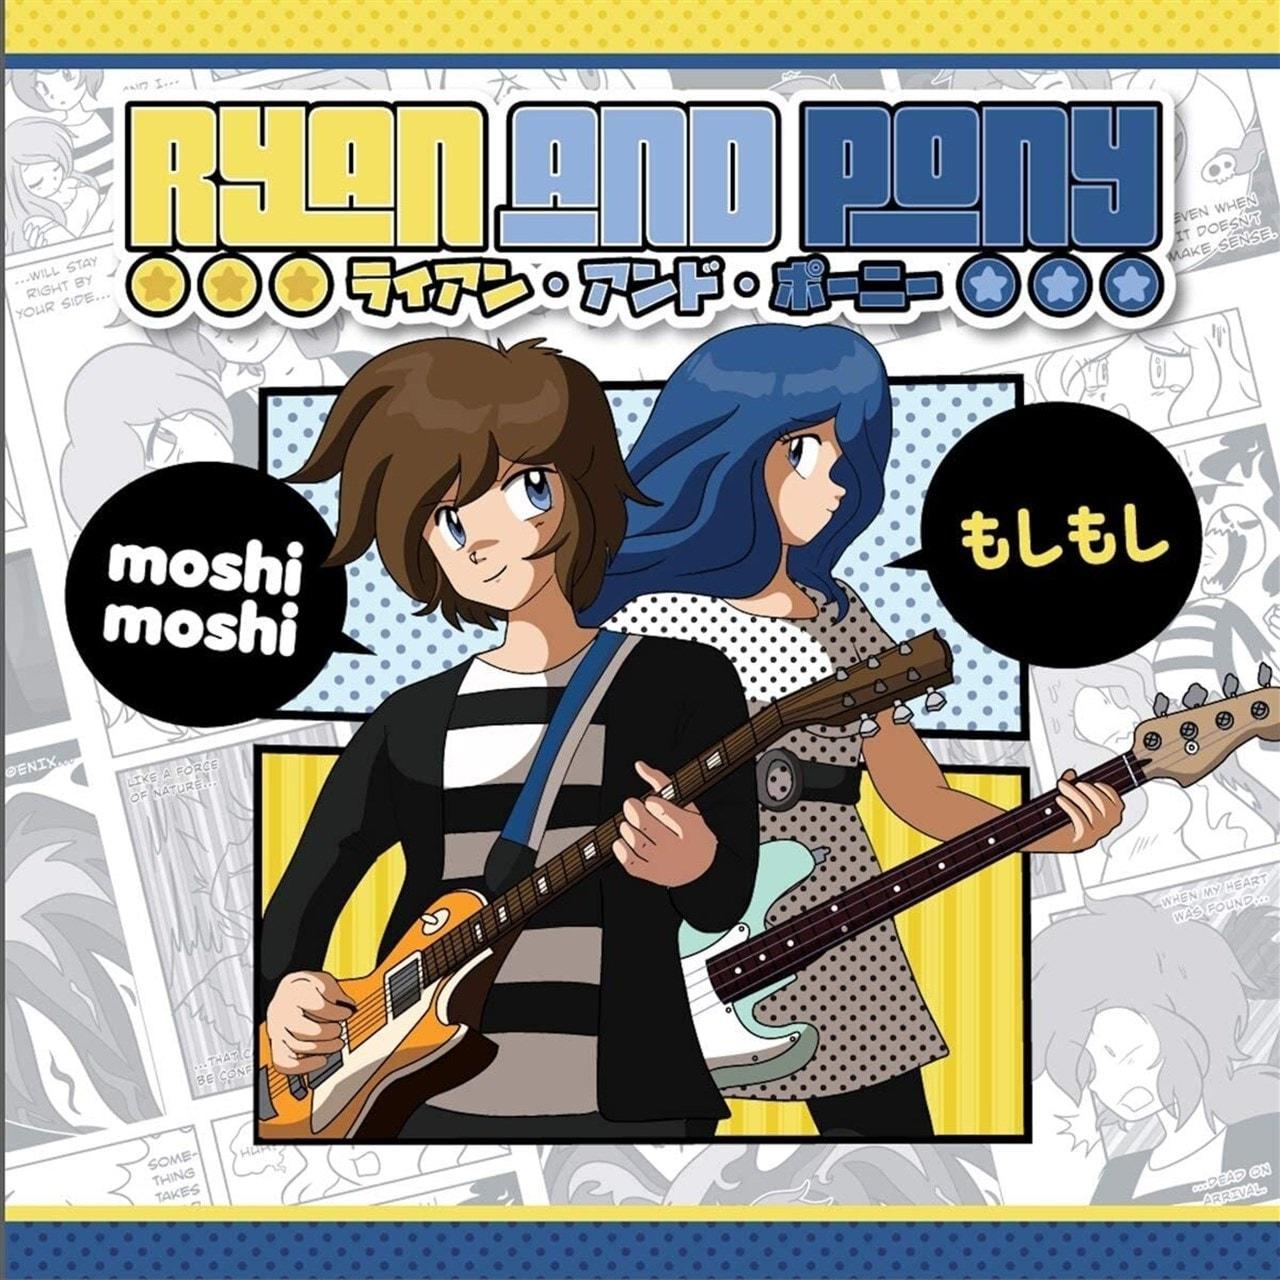 Moshi Moshi - 1